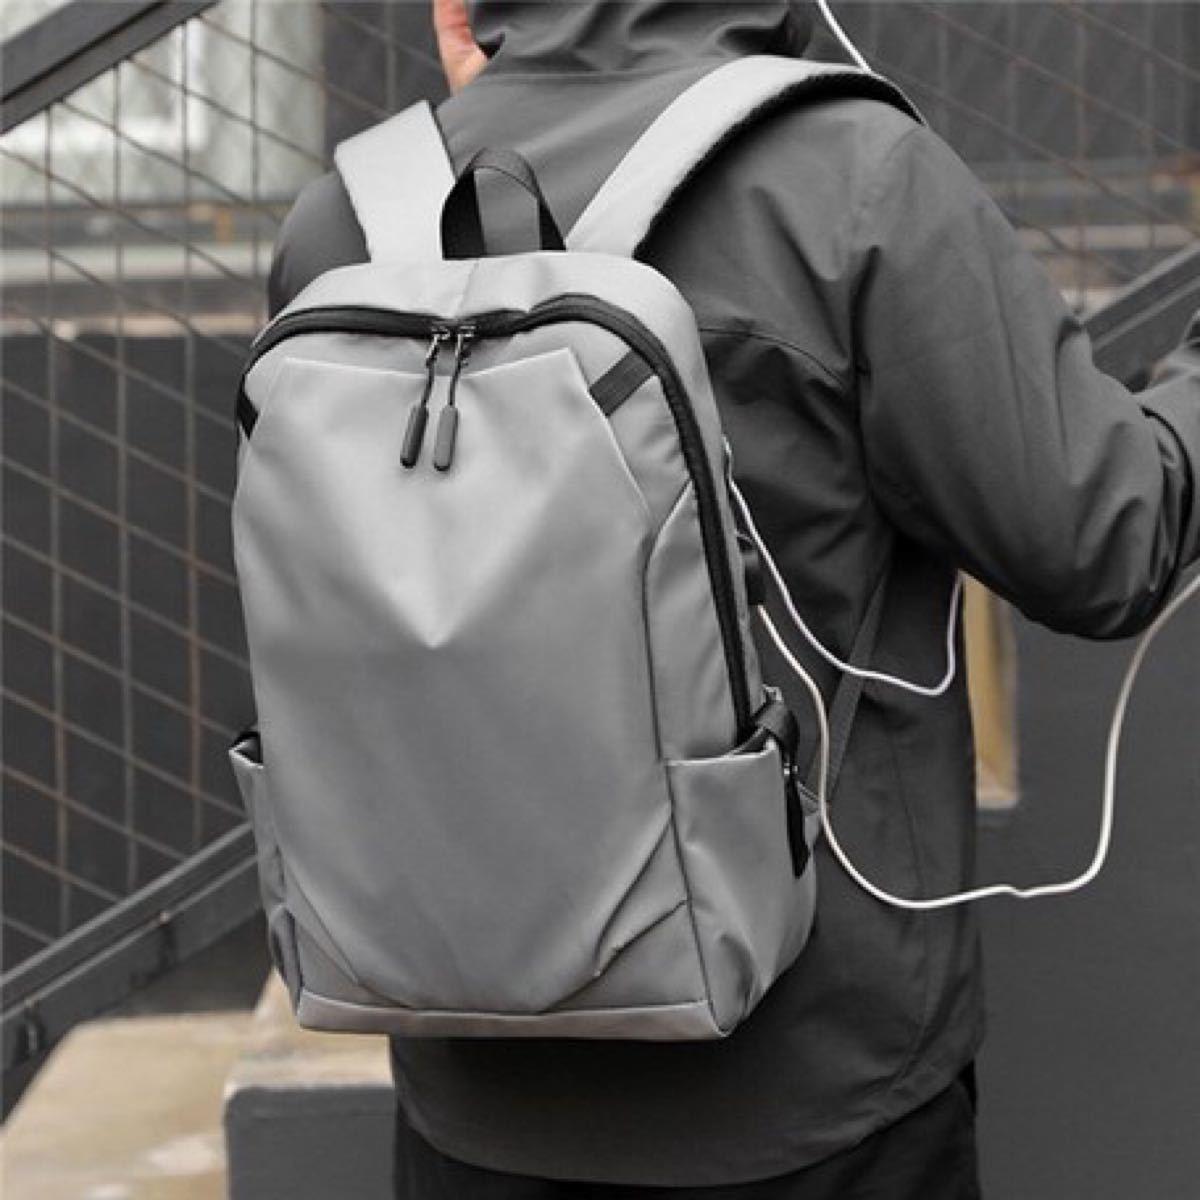 リュック バックパック ビジネス 日常 旅行 通勤 通学 大容量 アウトドア バックパック 大容量 USBポート リュック